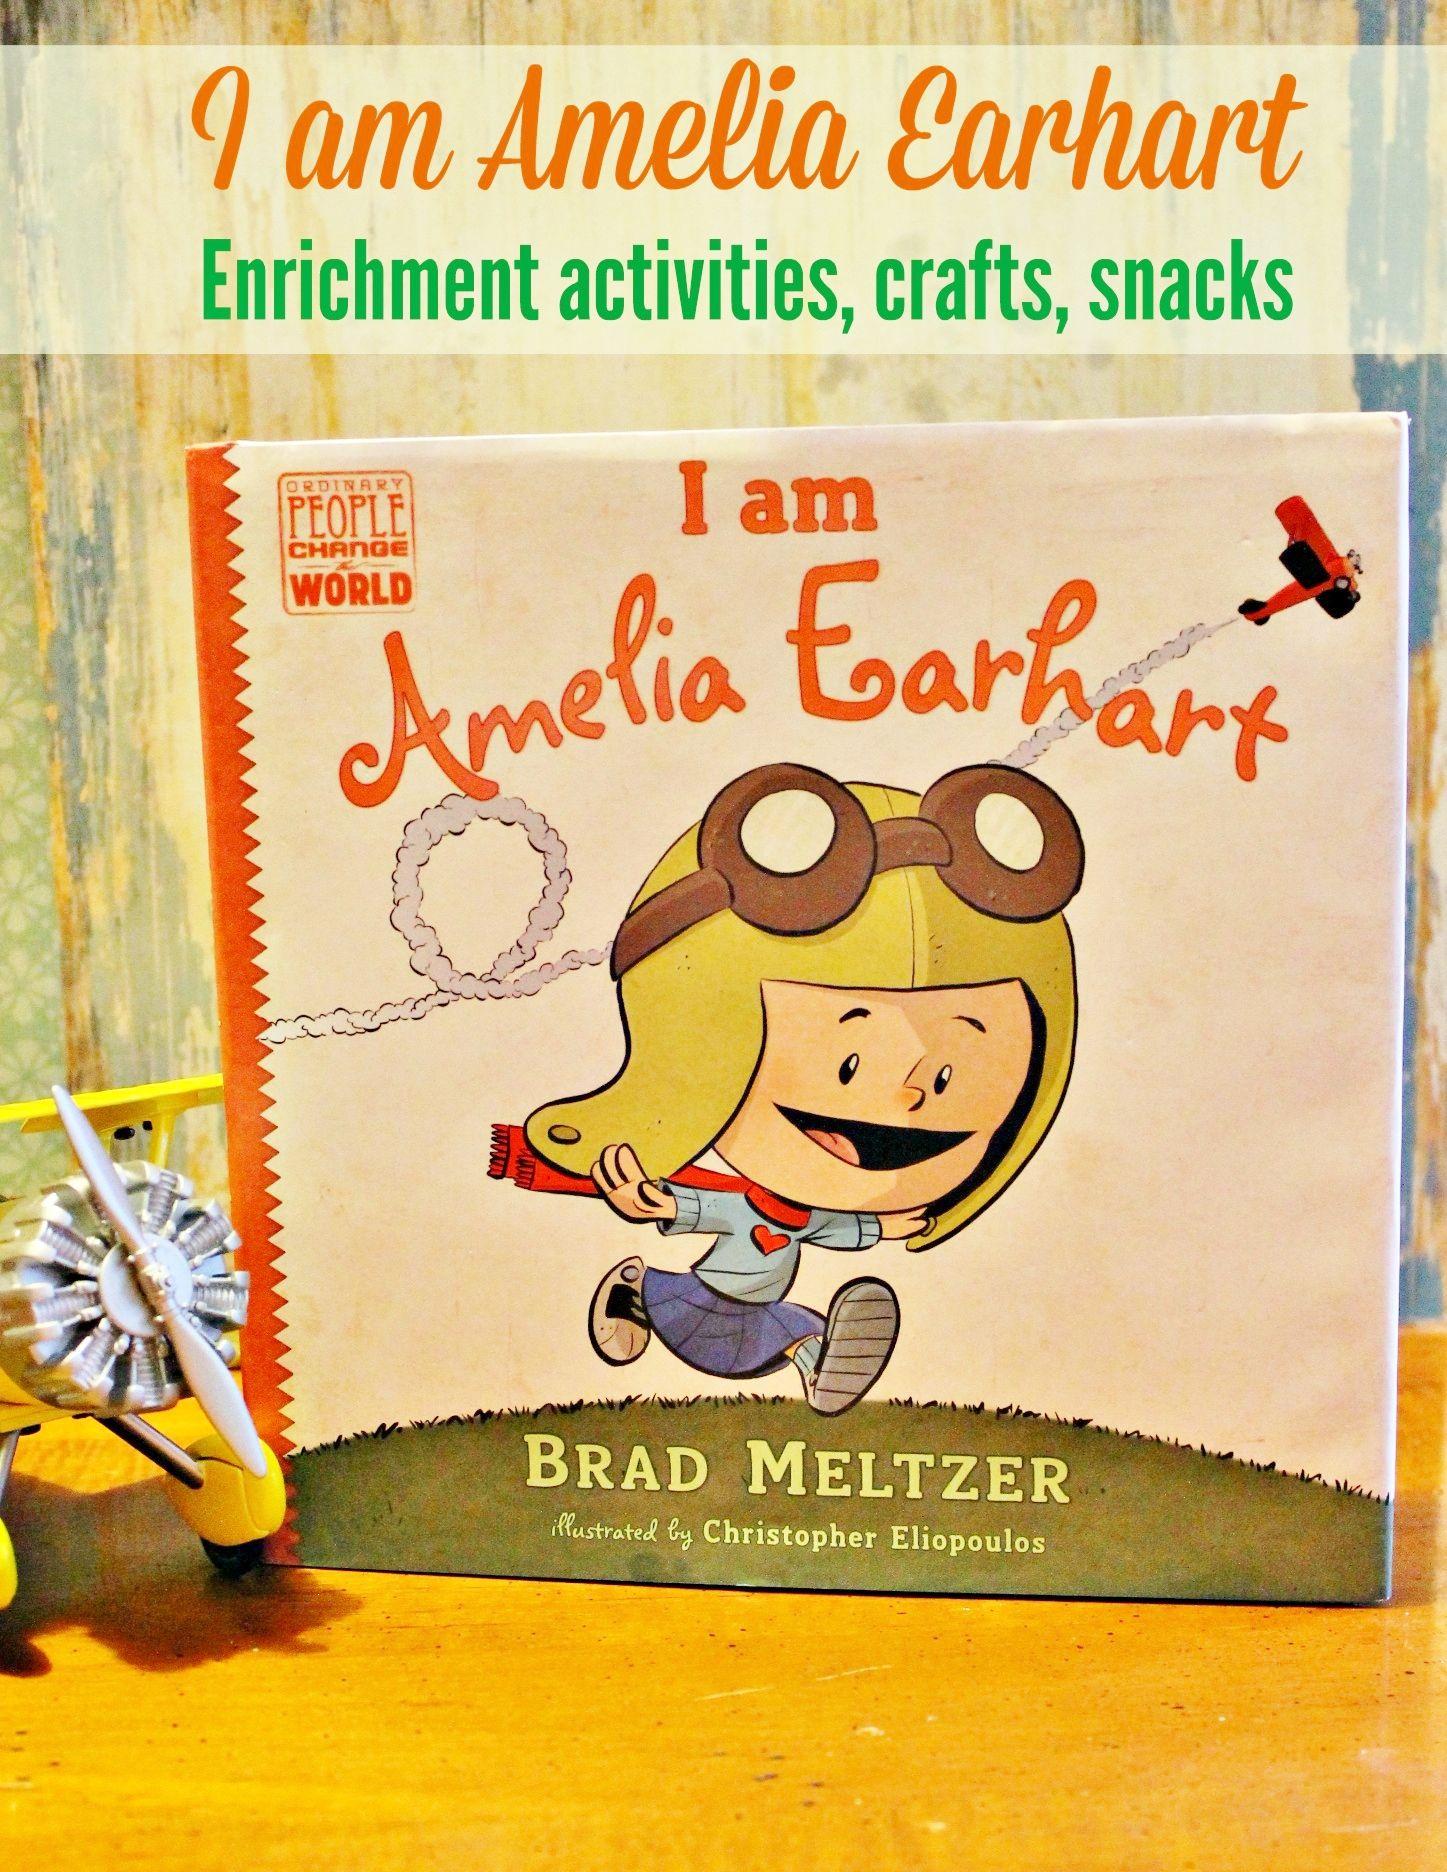 I am Amelia Earhart by Brad Meltzer Unit Study - DAY 1 | Pinterest ...